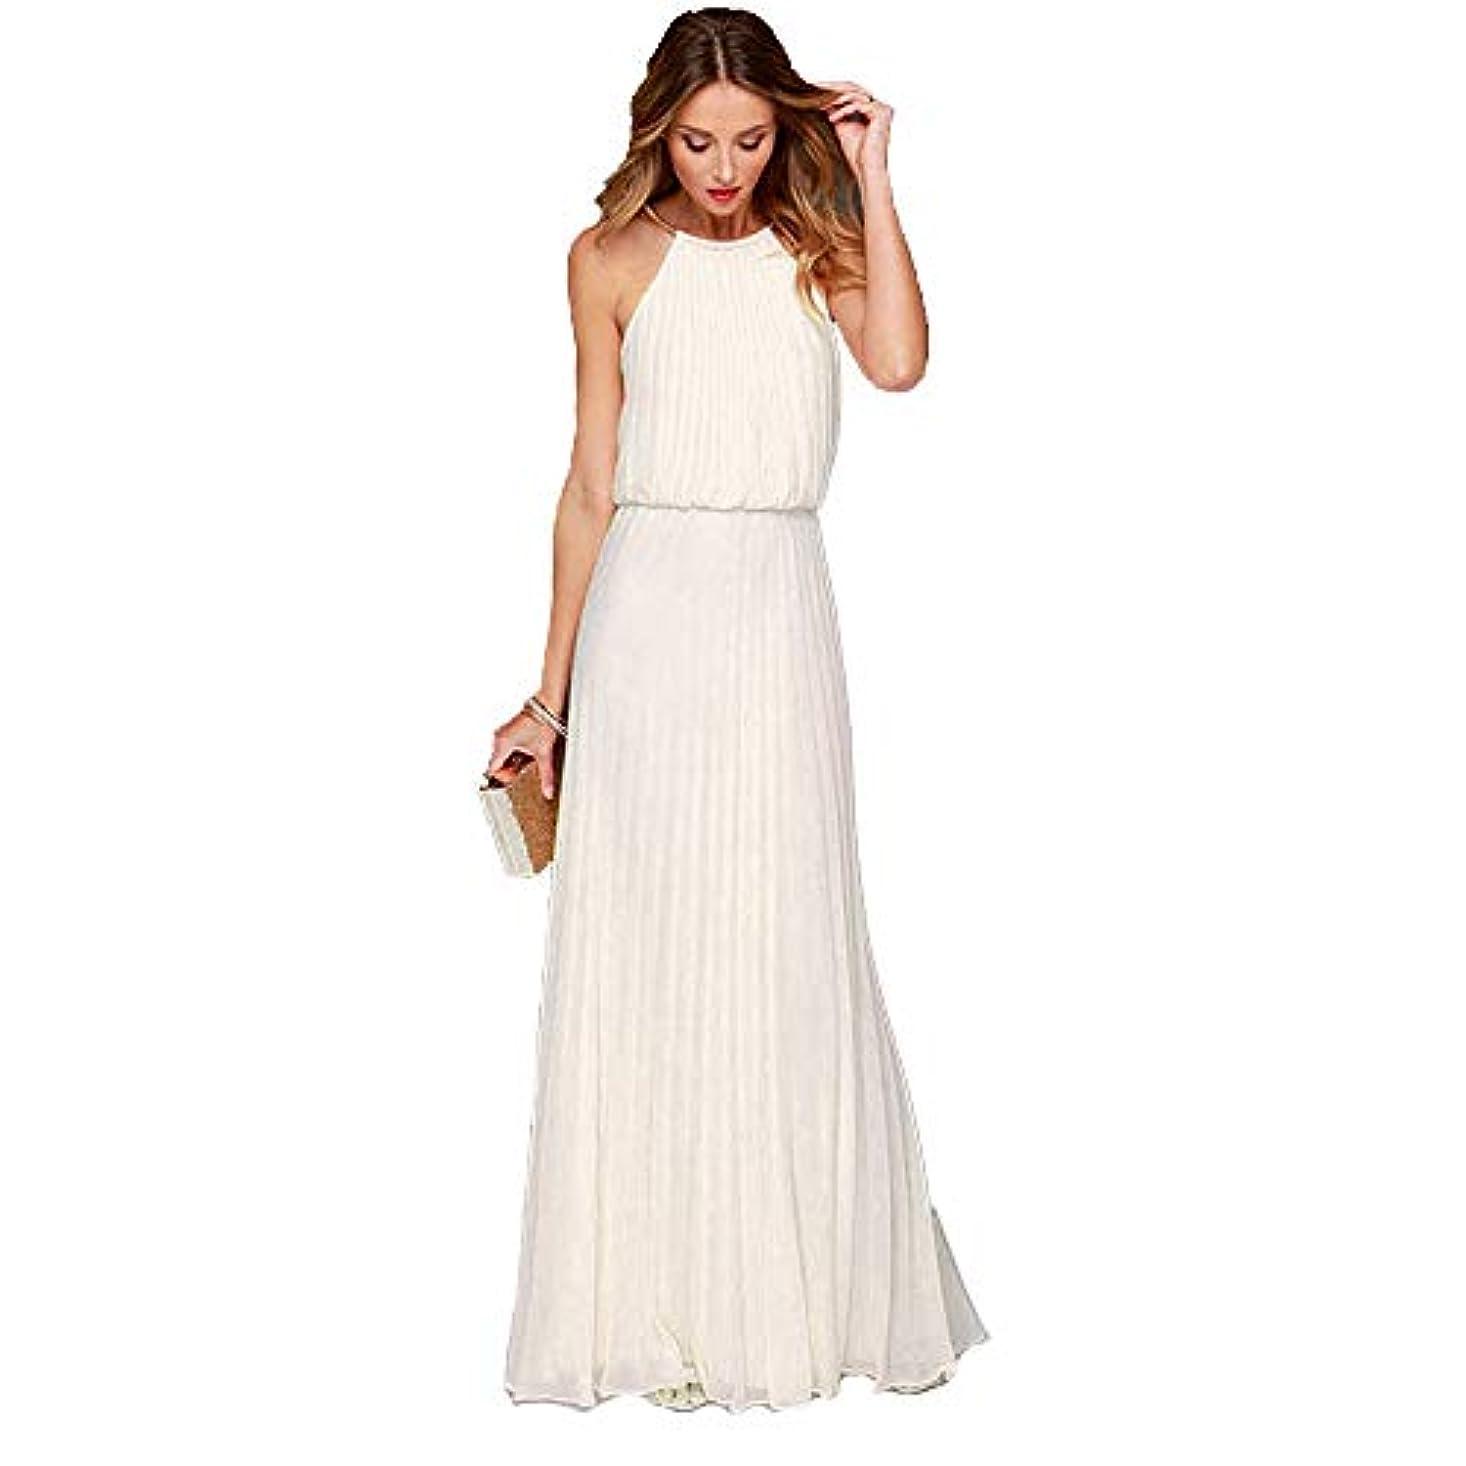 ヒューム補助金ストラトフォードオンエイボンMIFANロングドレス、セクシーなドレス、エレガント、女性のファッション、ノースリーブのドレス、ファッションドレス、ニット、スリム